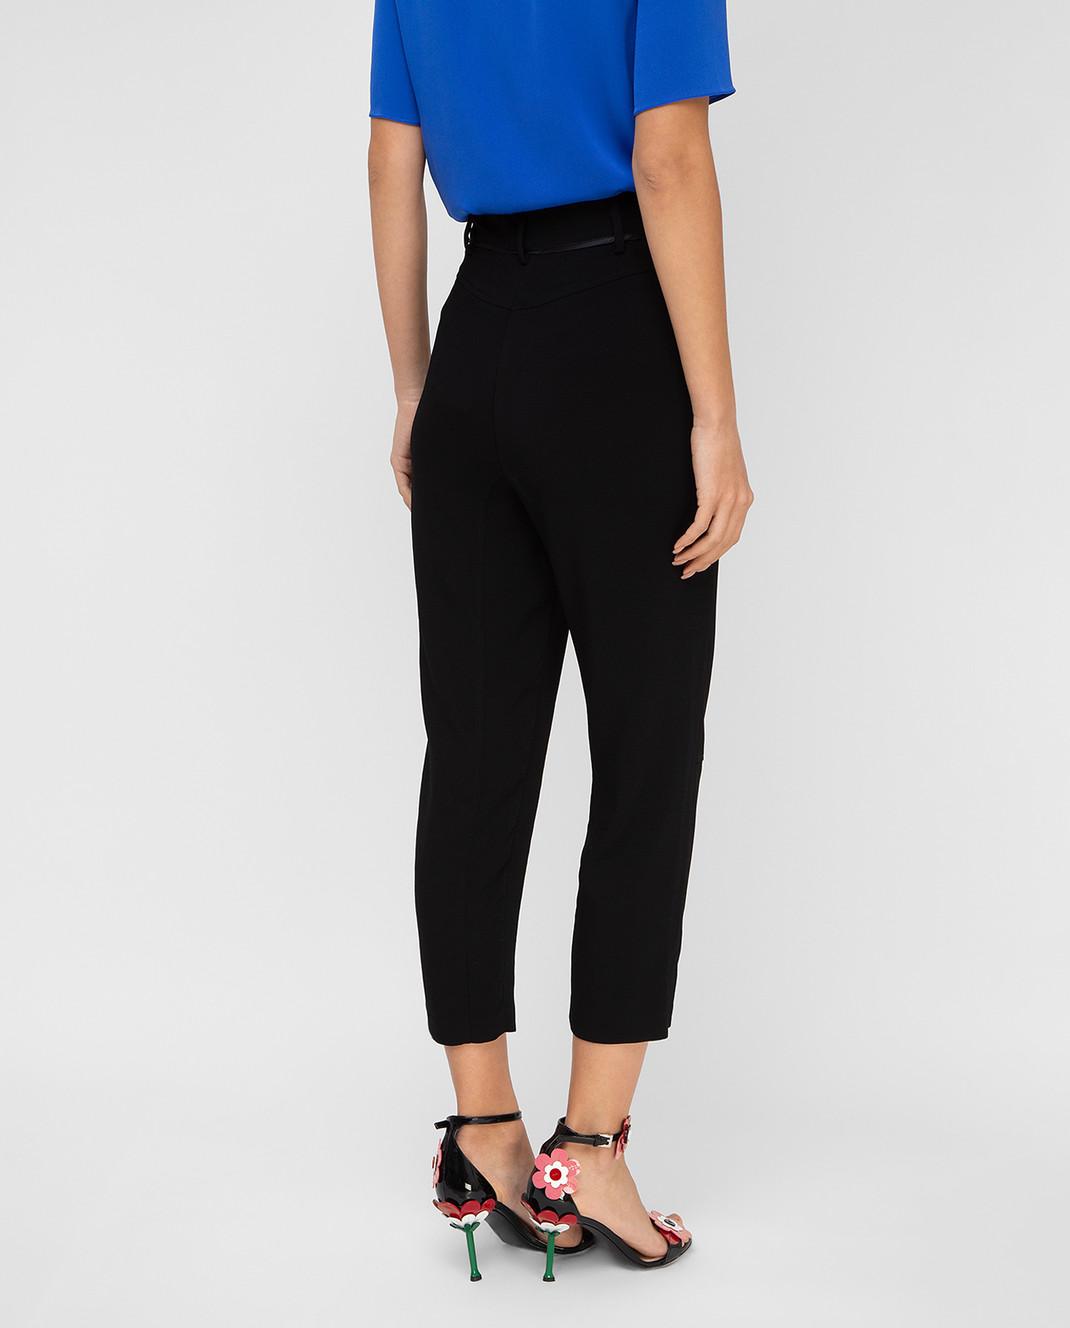 Twin Set Черные брюки PS72W5 изображение 4